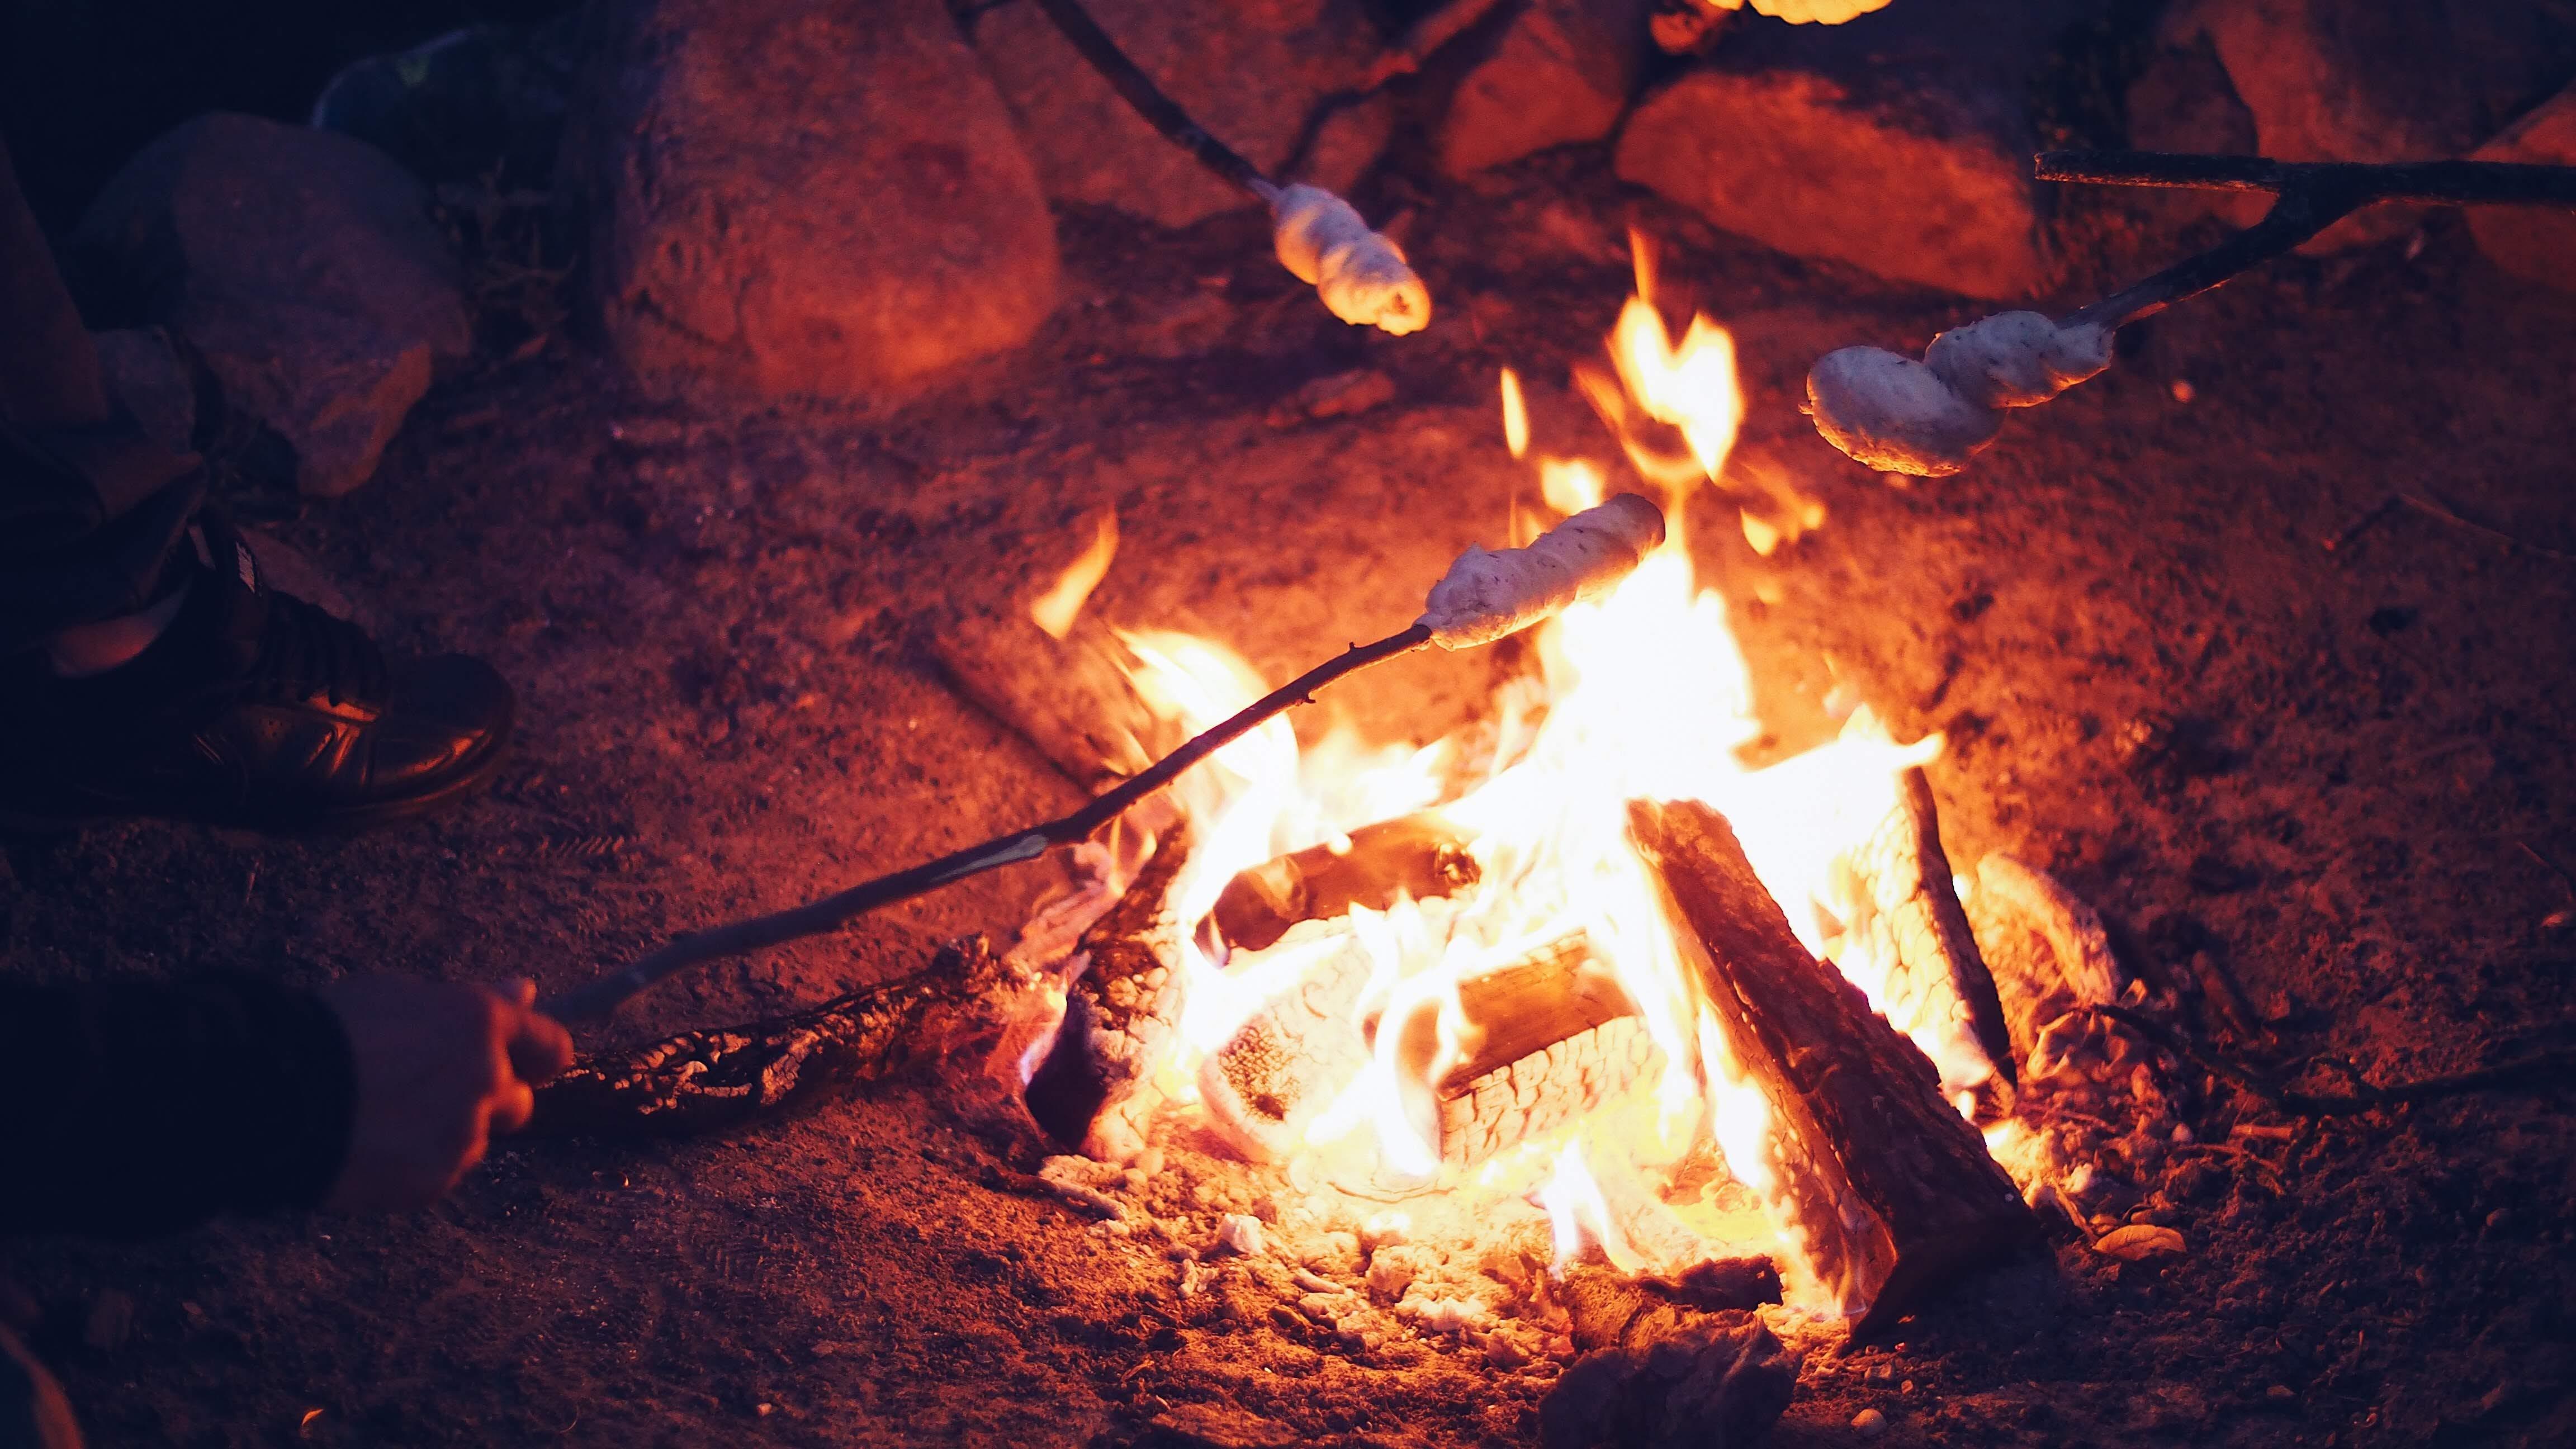 Immagine gratuita di ardente, attraente, bacchette, barbecue